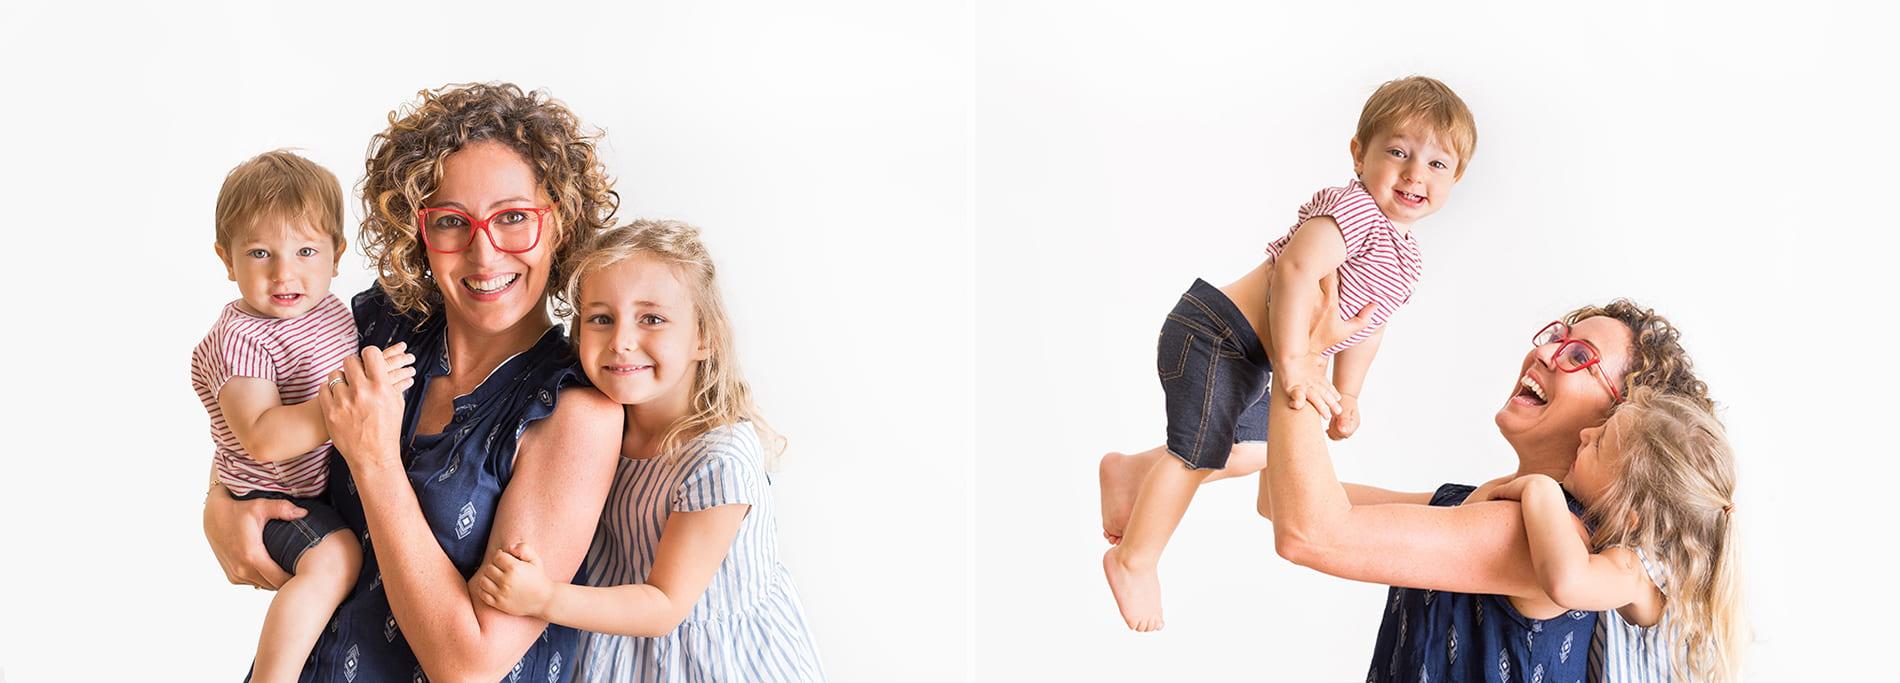 Fotografin Anna Sanfeliu, Petit Camera, Neugeborenen fotografin